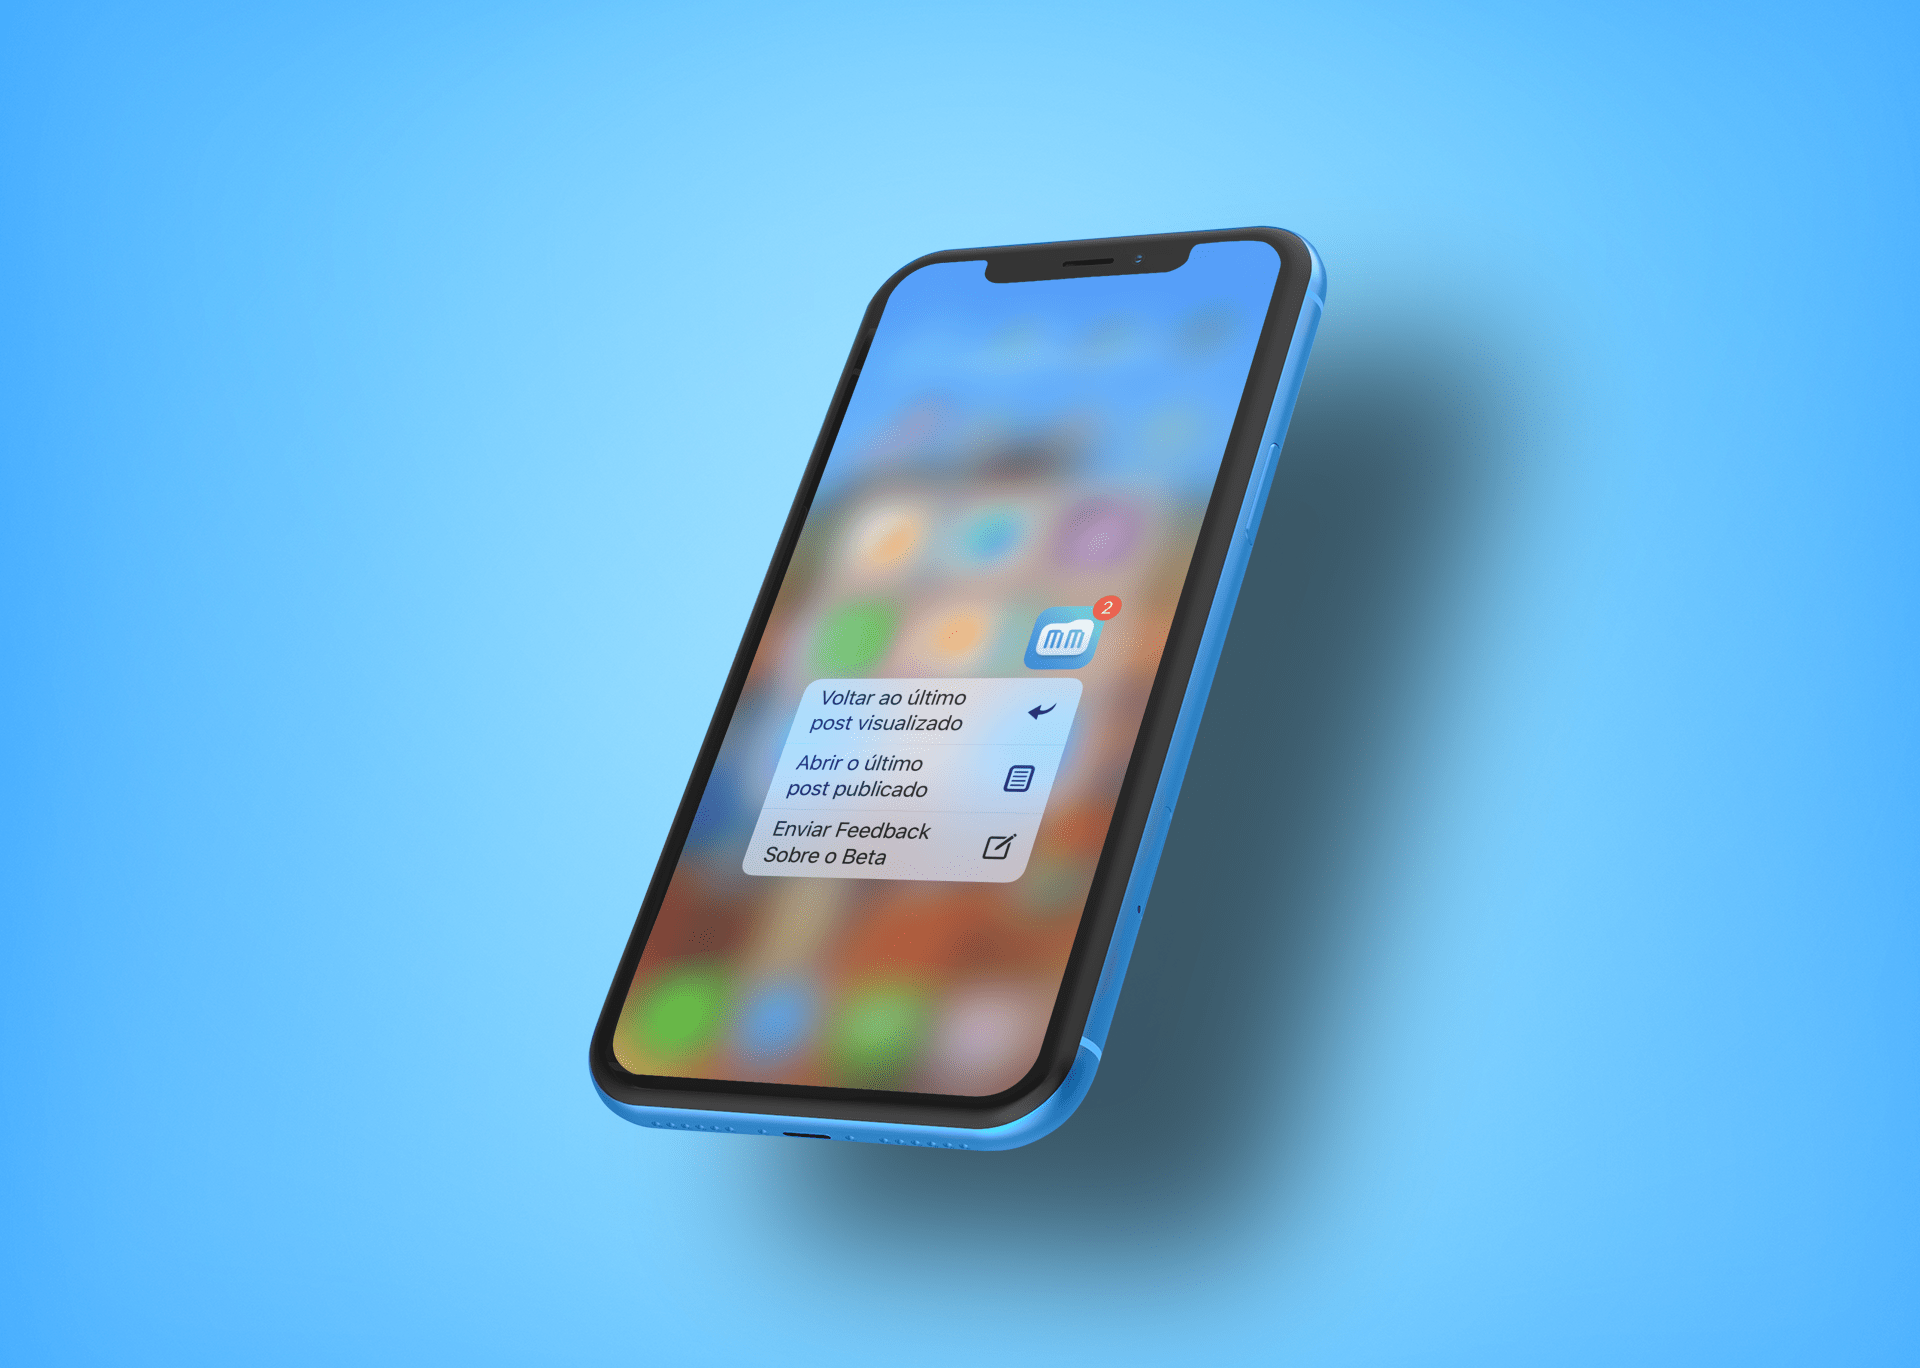 Ações rápidas no iPhone XR